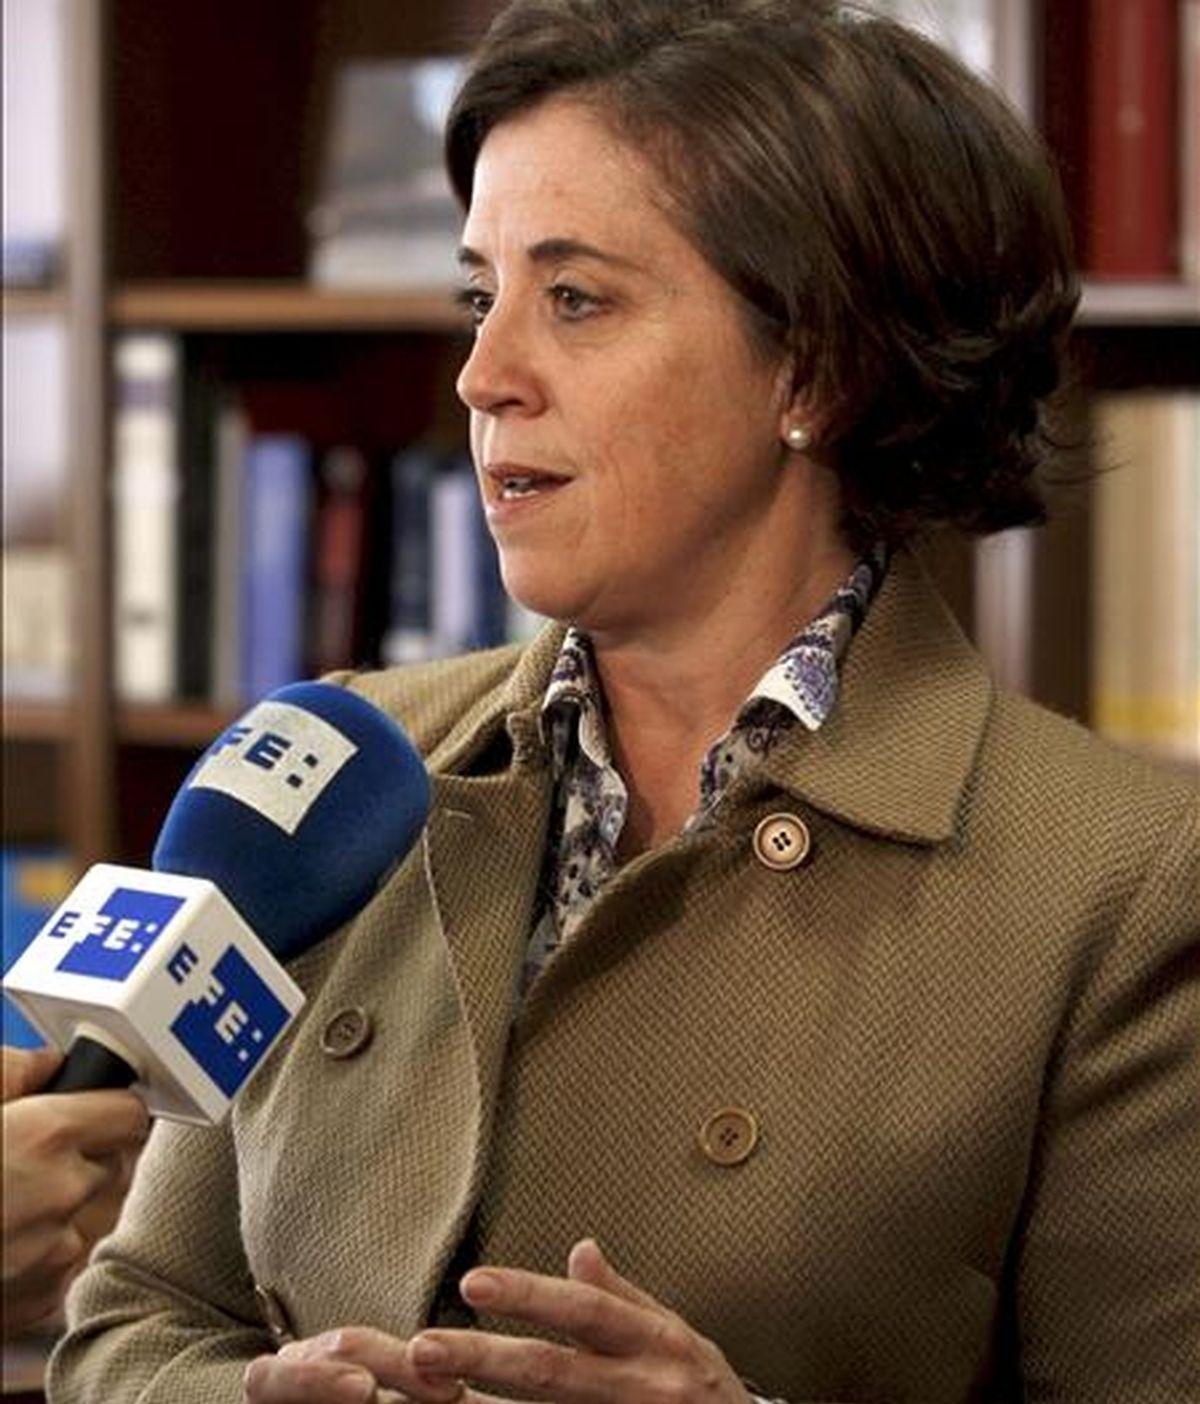 La directora de Gestión Tributaria del Ministerio de Hacienda, Dolores Bustamante, hace declaraciones a Efe para hablar sobre el comienzo, la pasada medianoche, de la campaña del Impuesto de la Renta de las Personas Físicas (IRPF) correspondientes al ejercicio 2009, en el que la Agencia Tributaria tramitará al día alrededor de 350.000 borradores. EFE